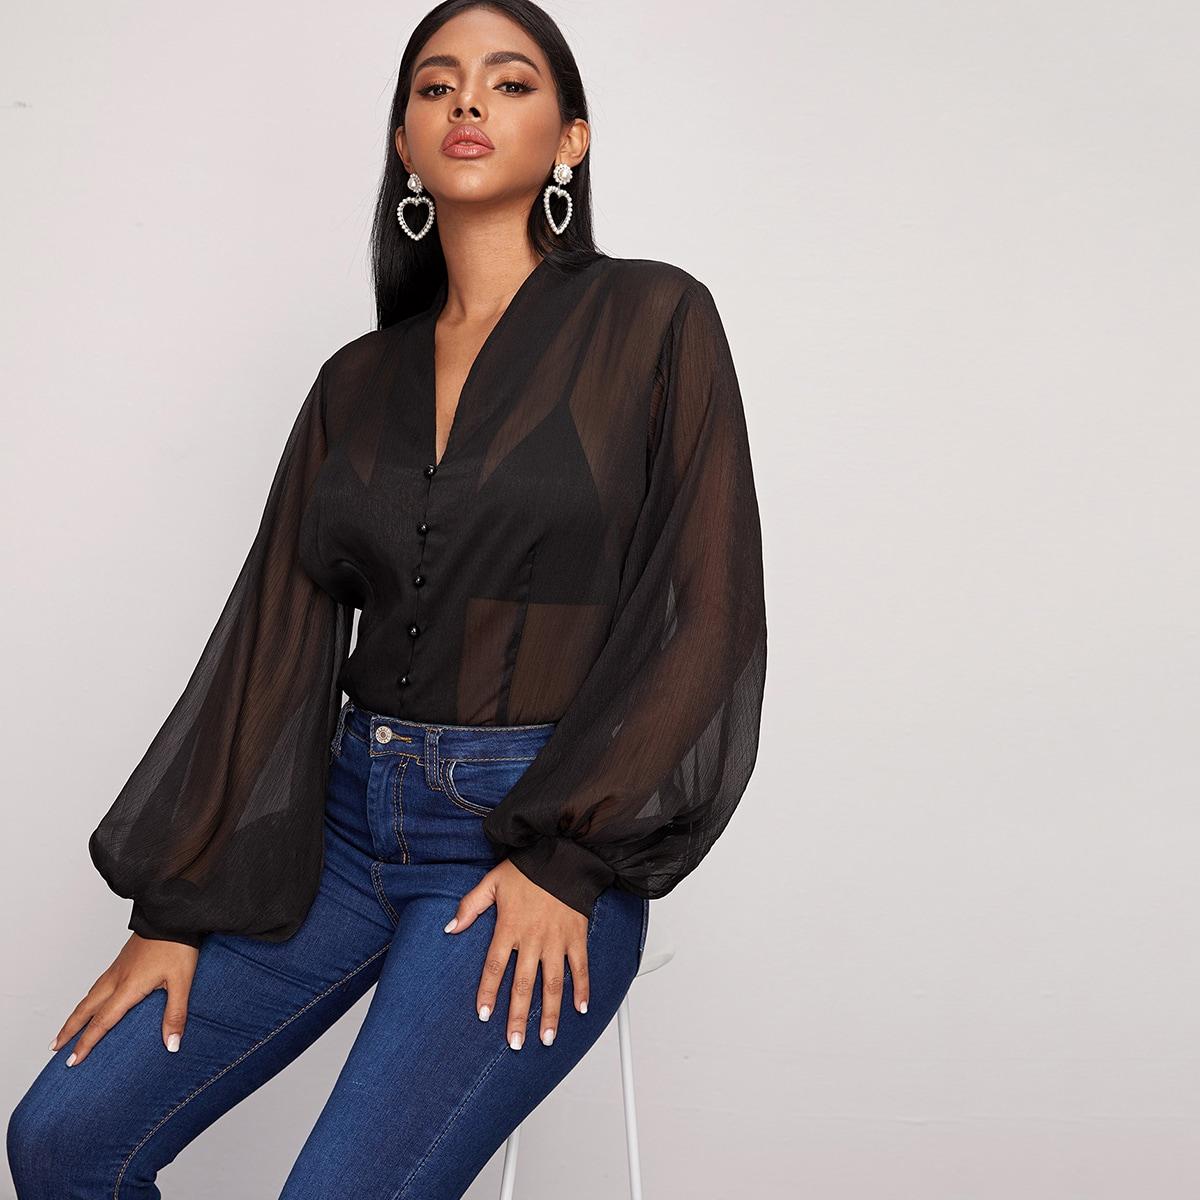 Schwarz Knöpfen vorn Einfarbig Sexy Blusen